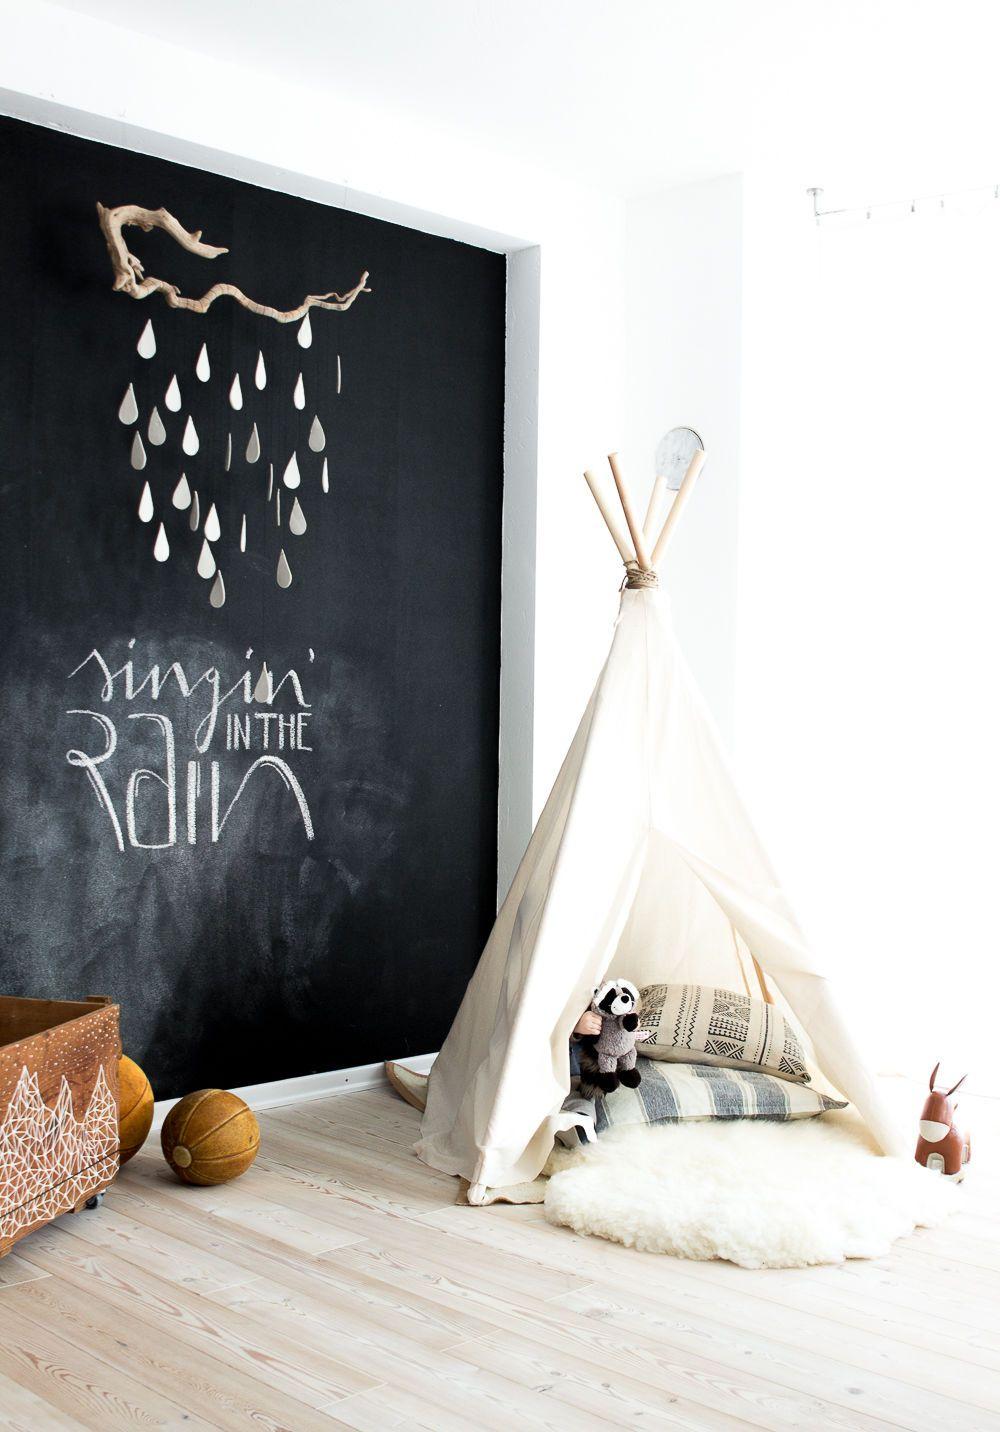 kinderzimmer ideen zum einrichten gestalten. Black Bedroom Furniture Sets. Home Design Ideas